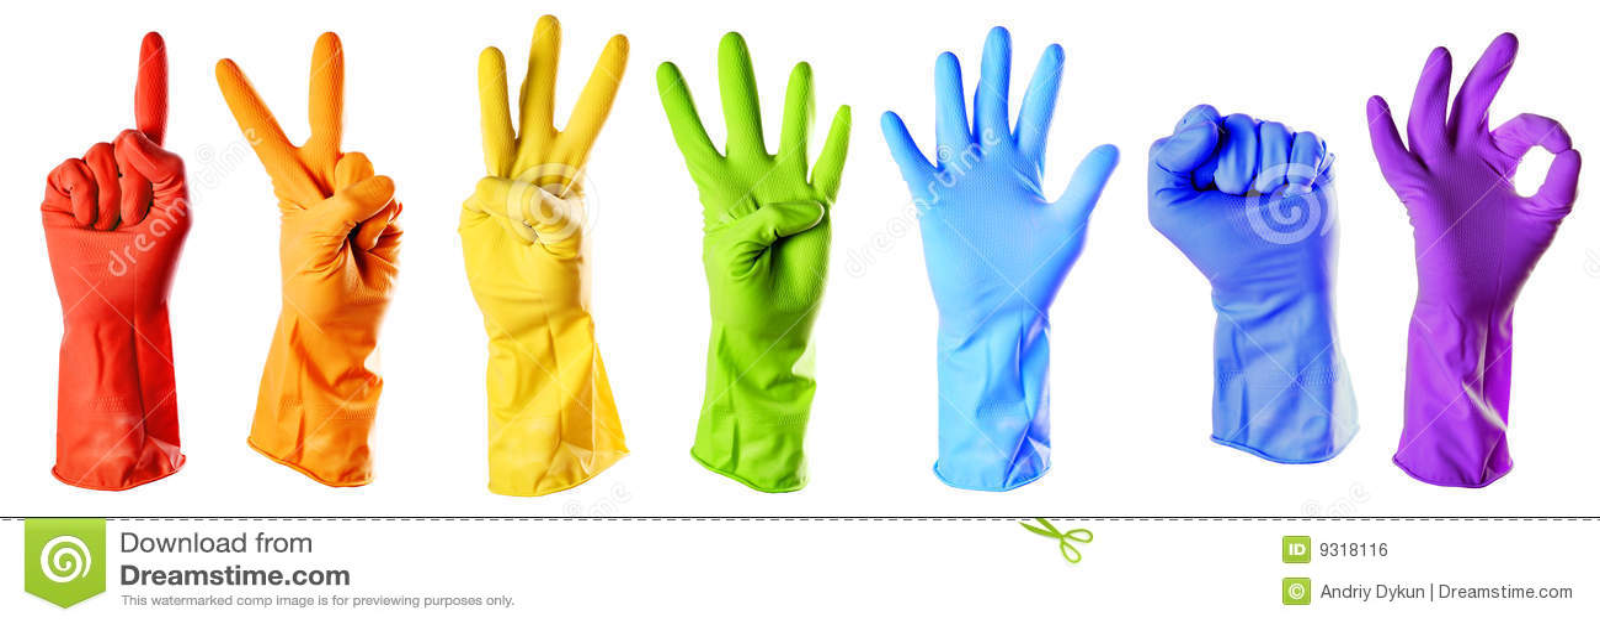 Член и резиновые перчатки 7 фотография